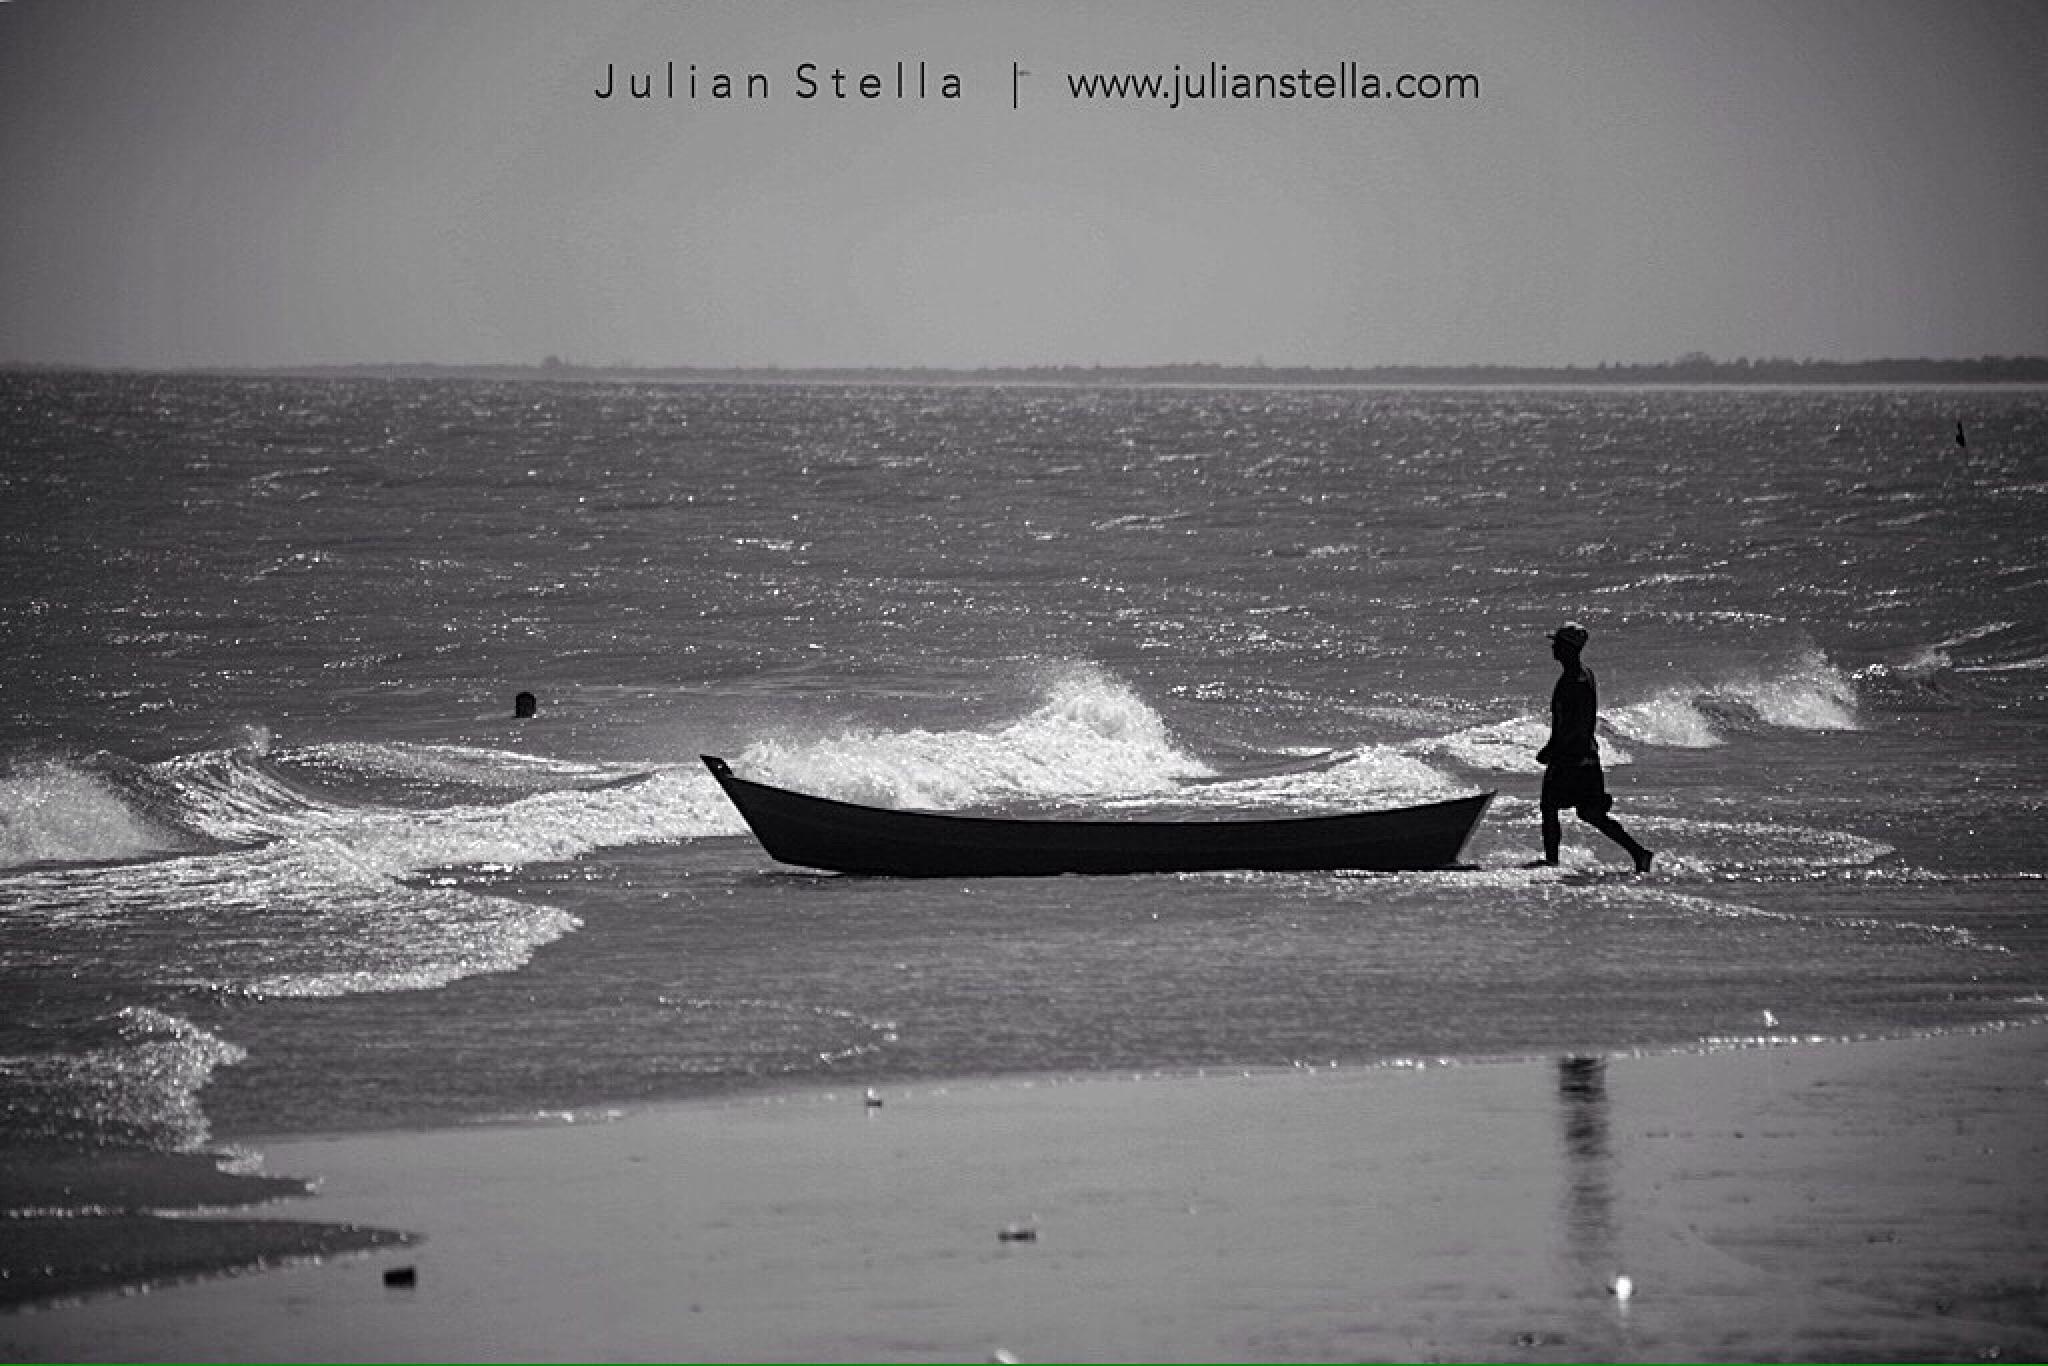 Fisherman by Julian Stella